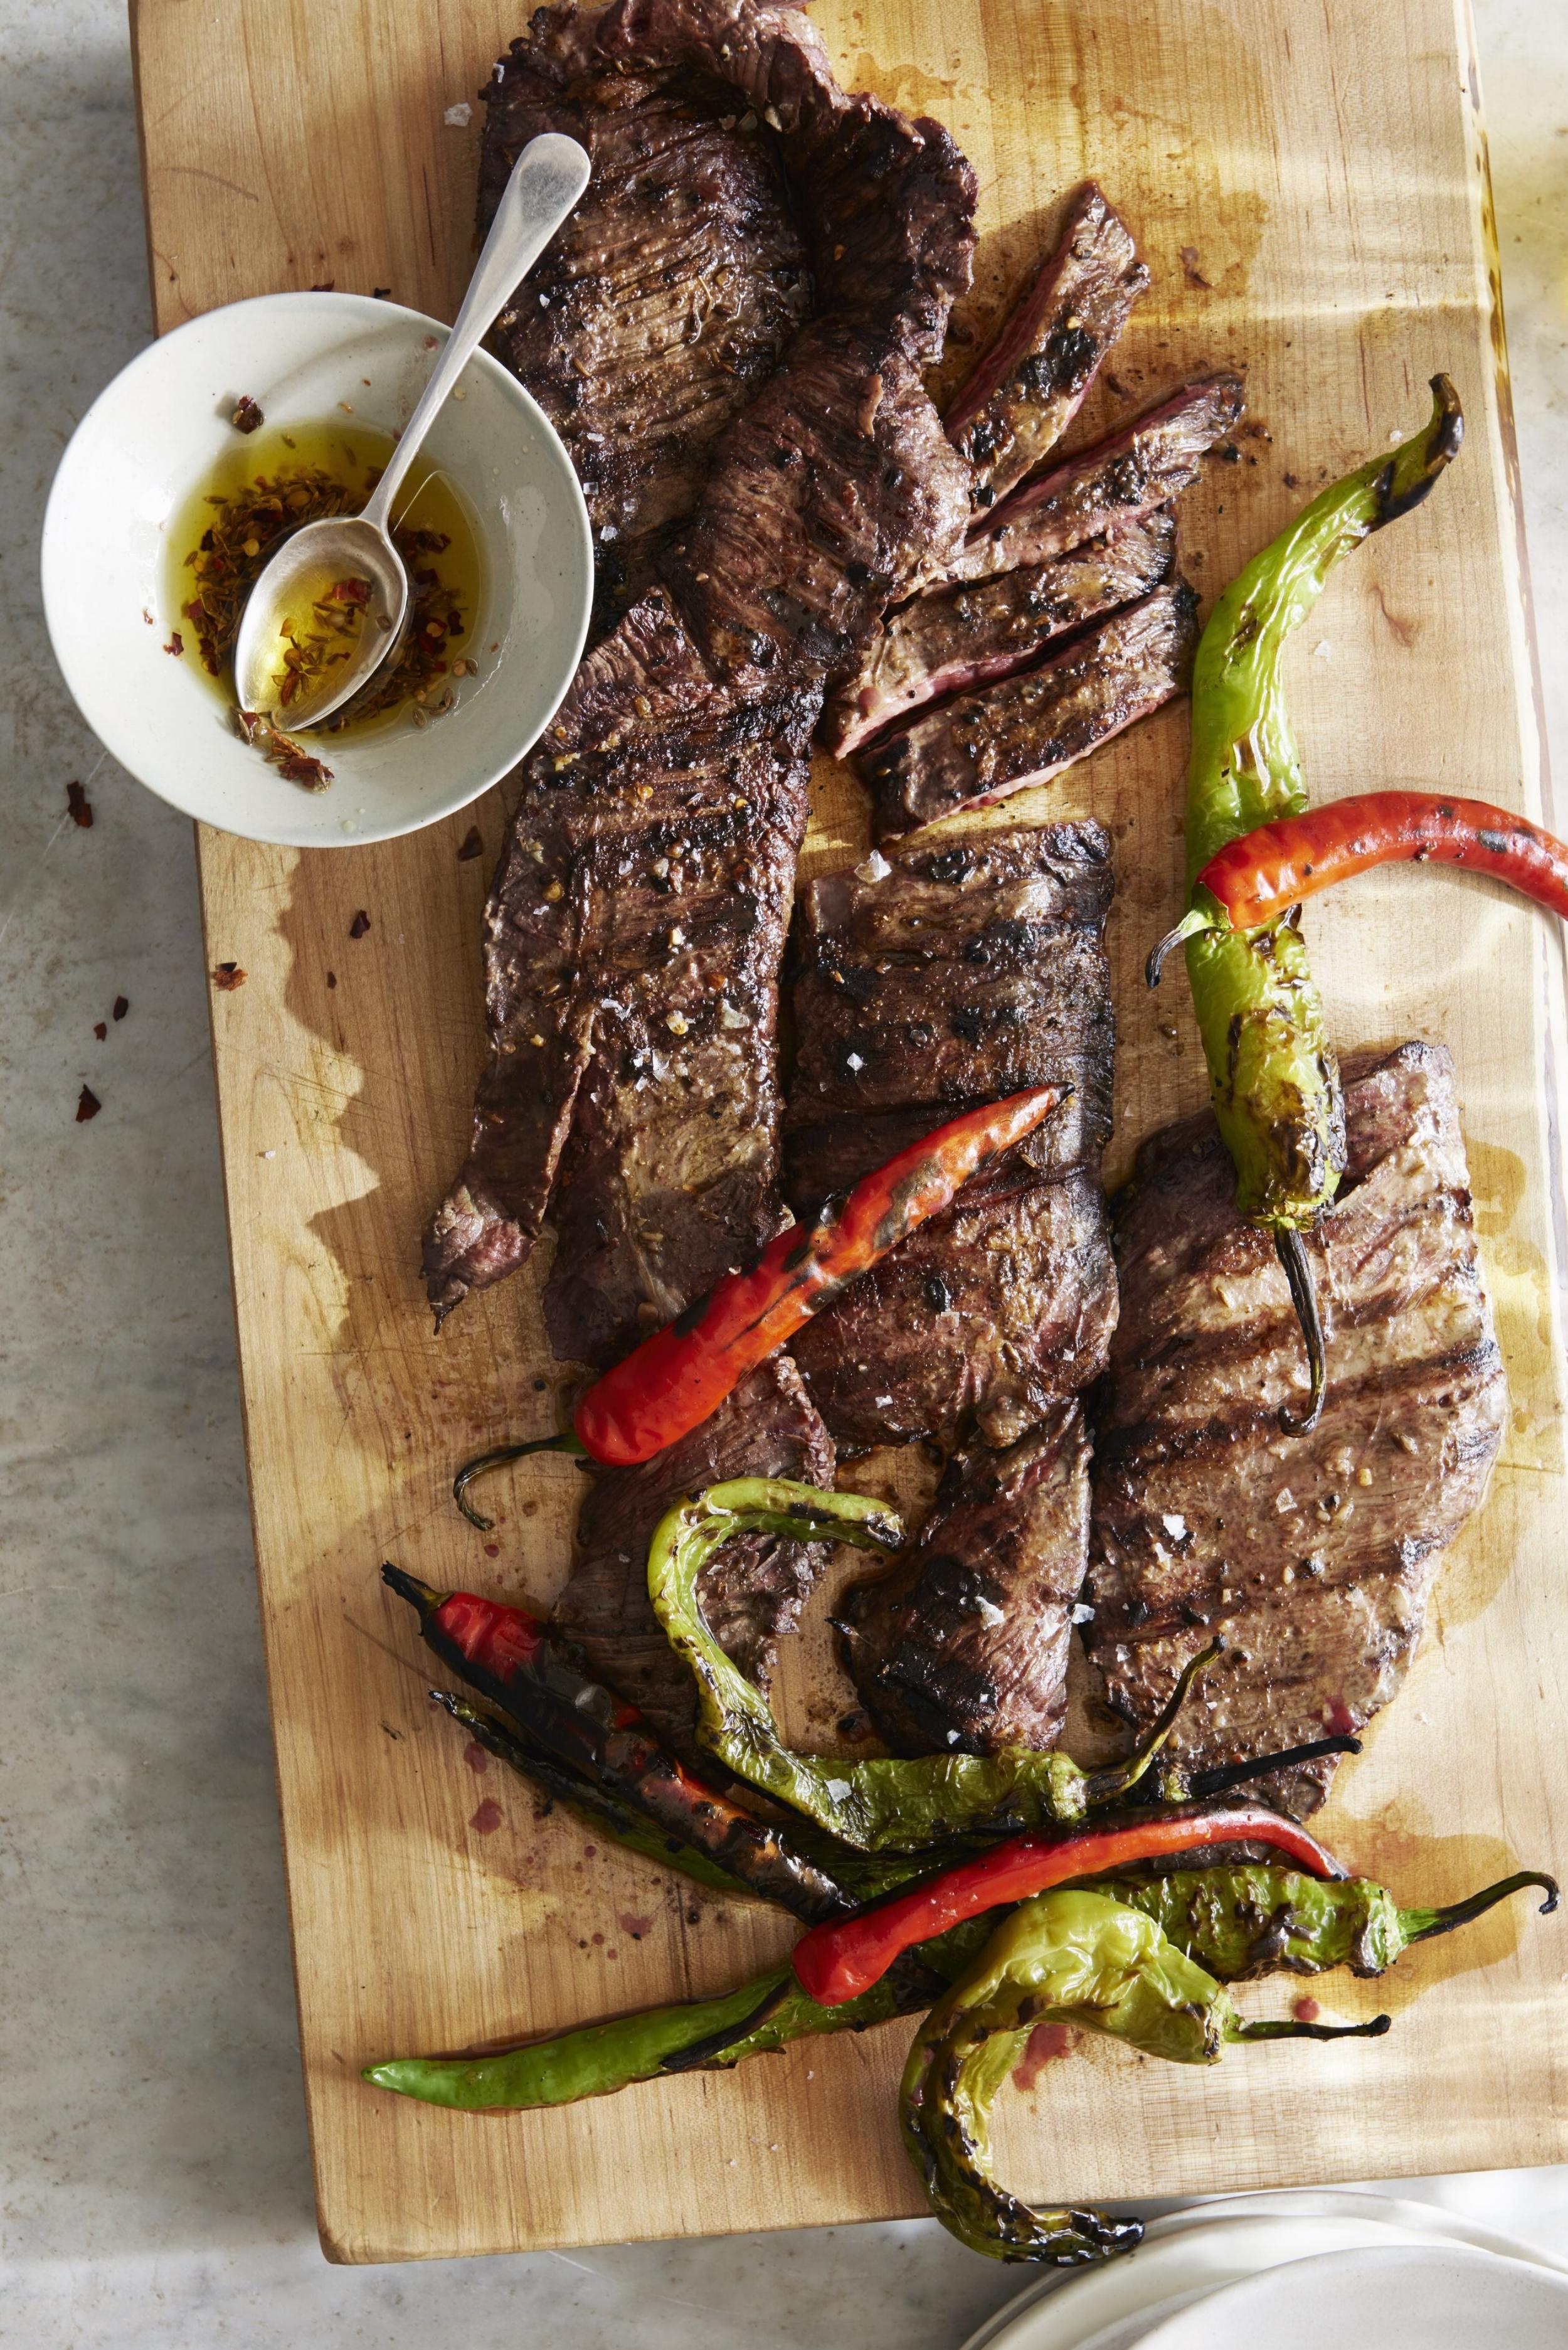 meat_skirt_steak-2743_retouched.jpg